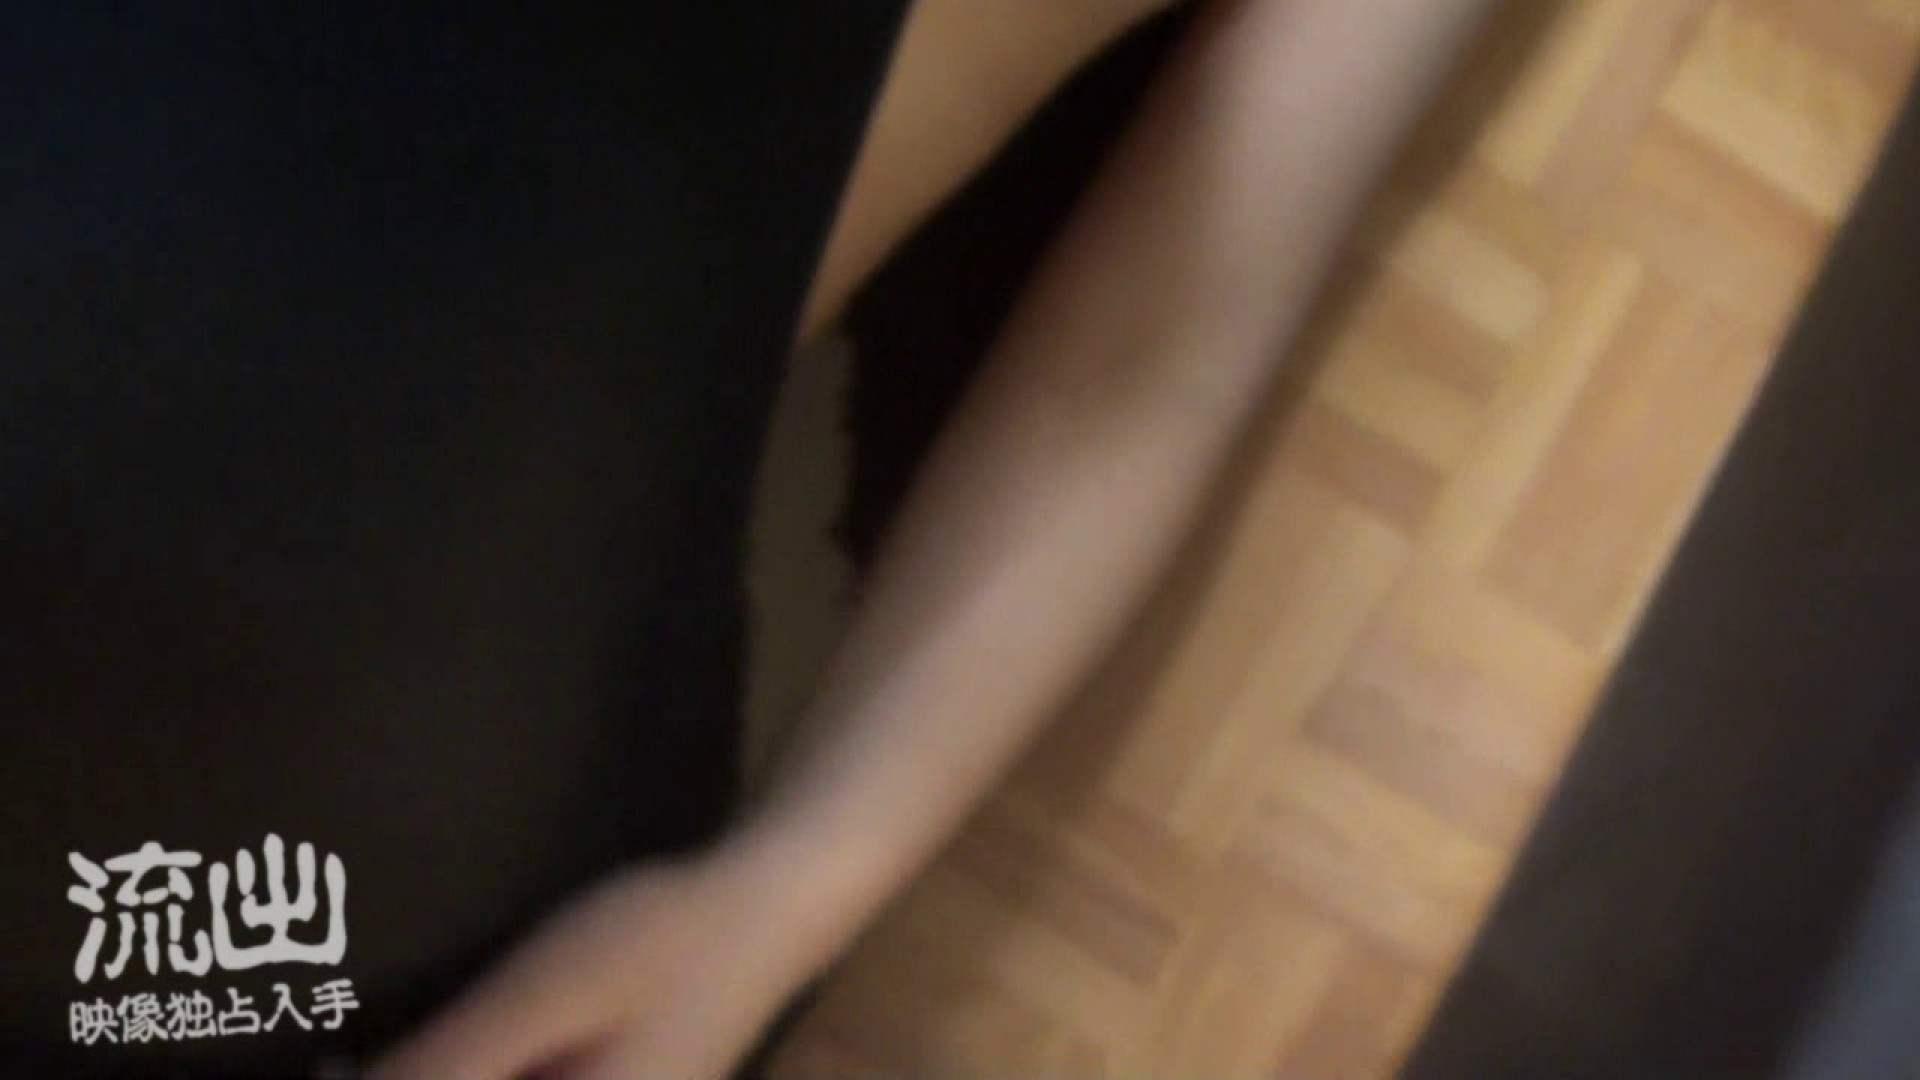 素人流出動画 都内在住マモルくんのファイルvol.4 OL裸体 | プライベート  55画像 27